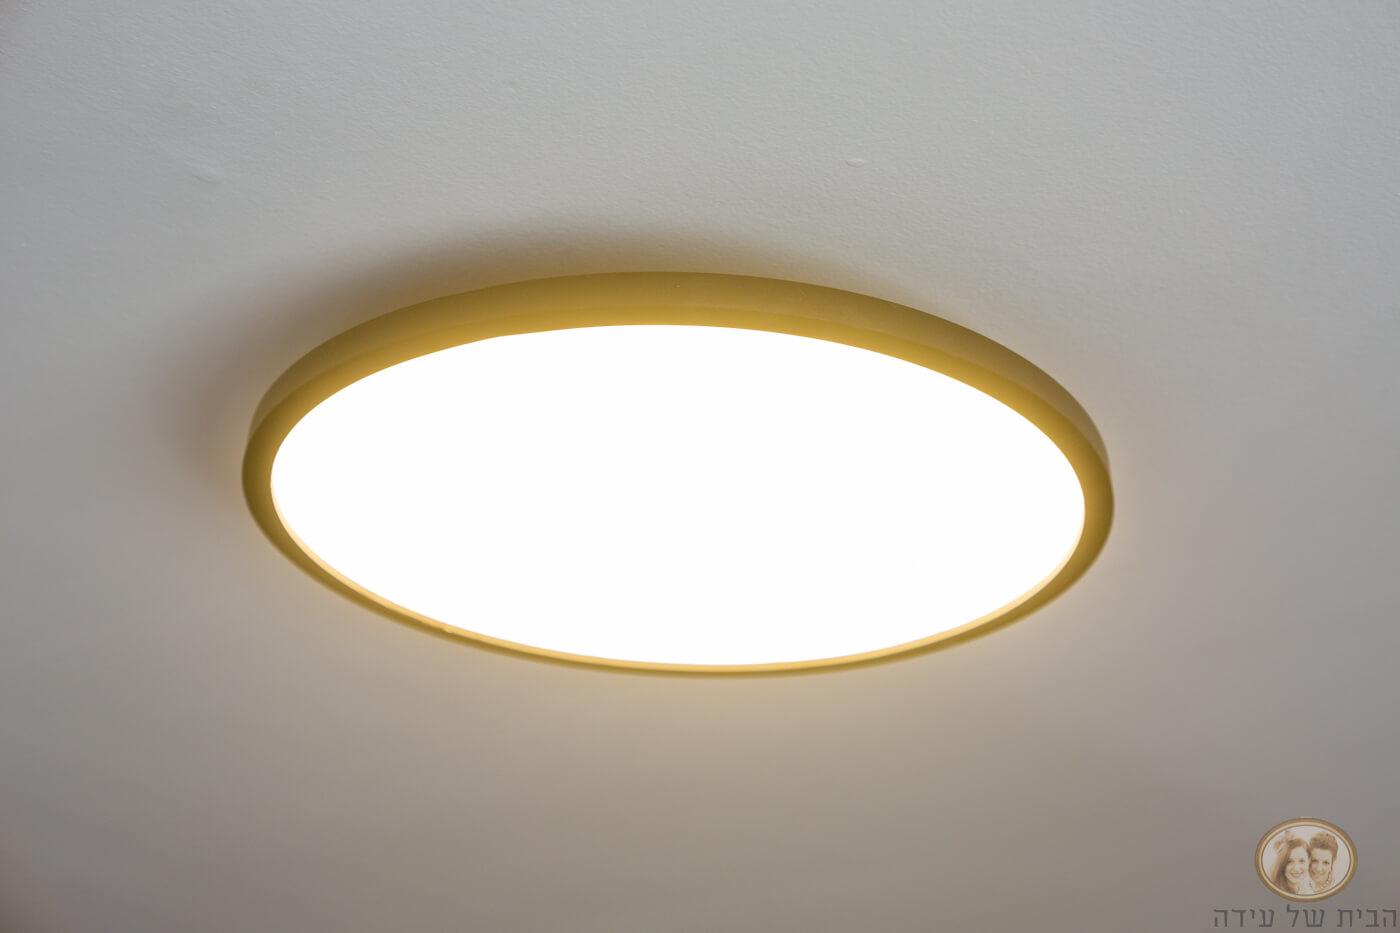 תאורה צמודה לתקרה